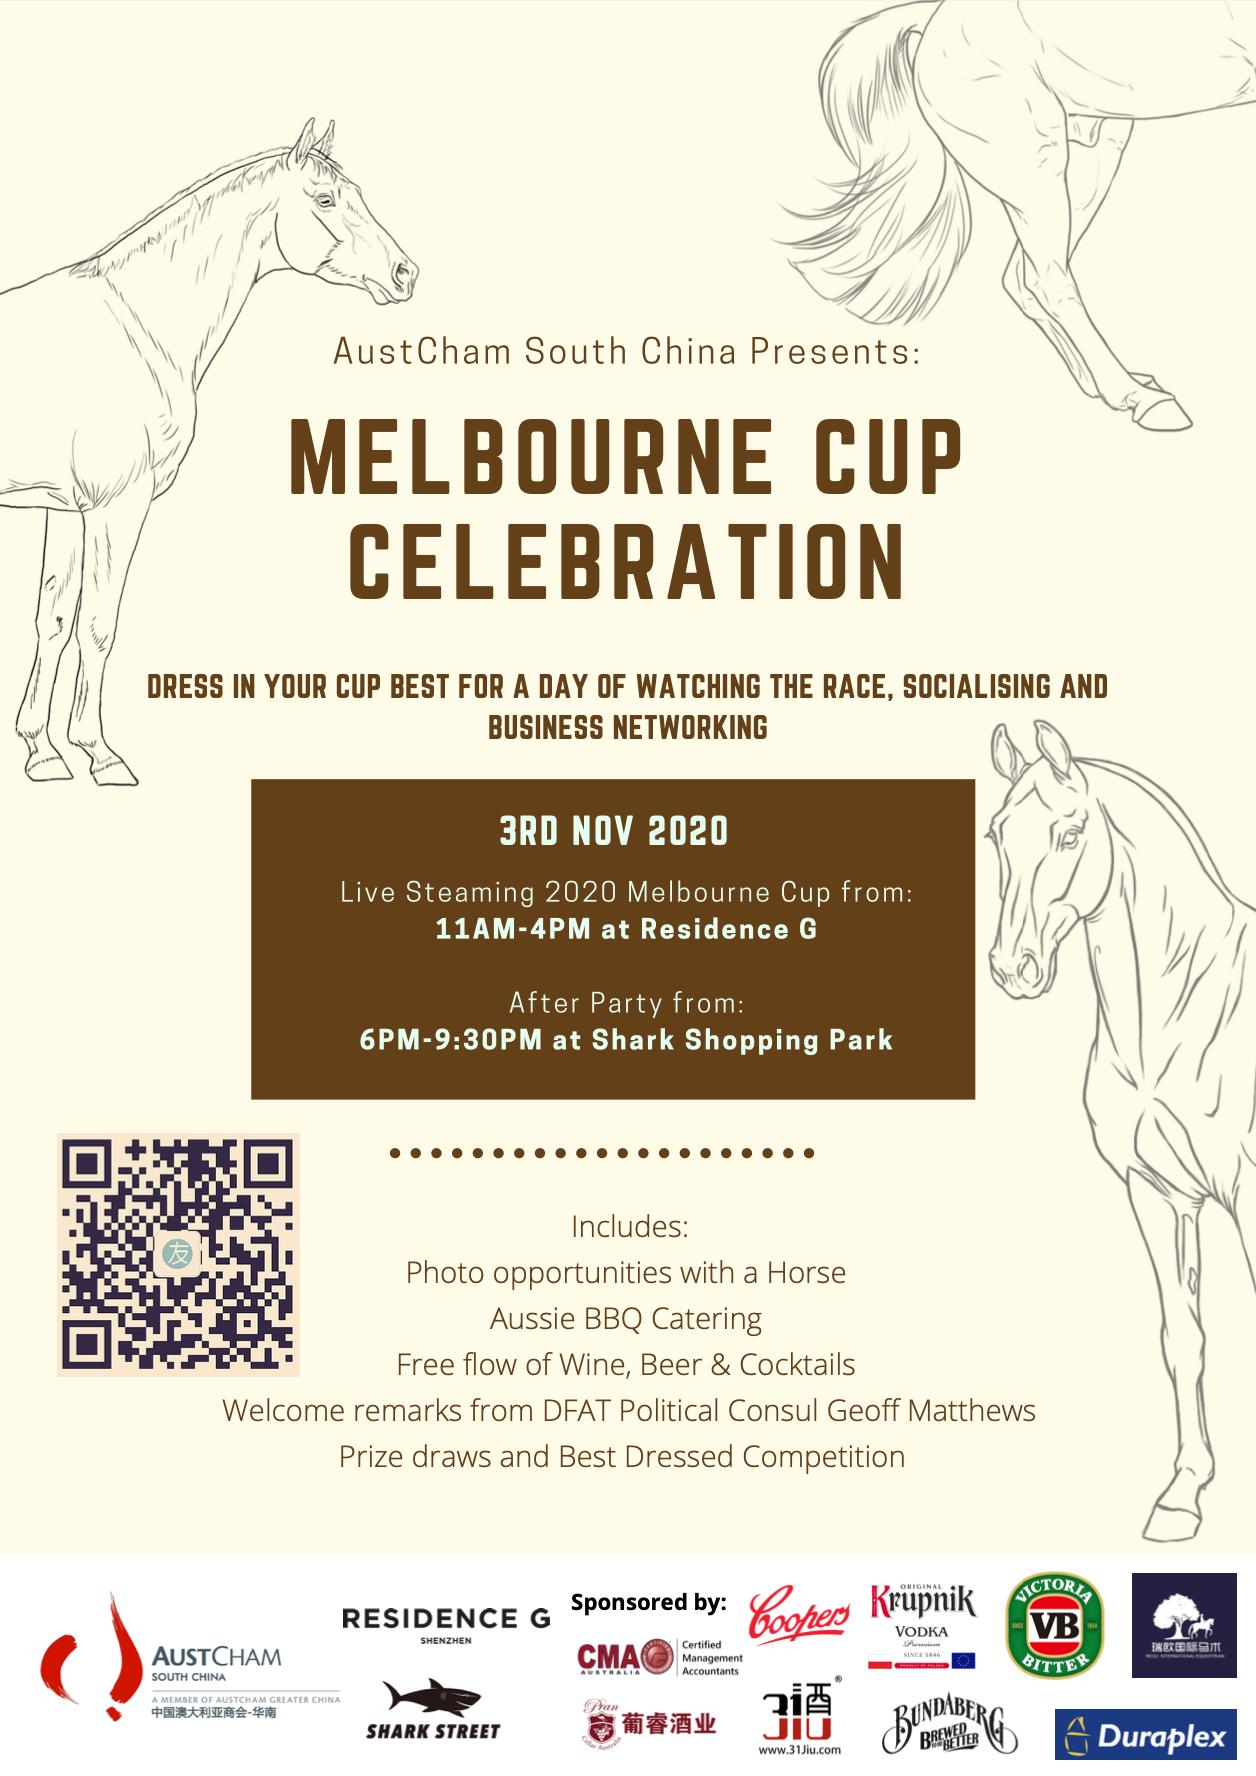 Melbourne Cup Celebration 马到成功: 3 November 2020 (Shenzhen)